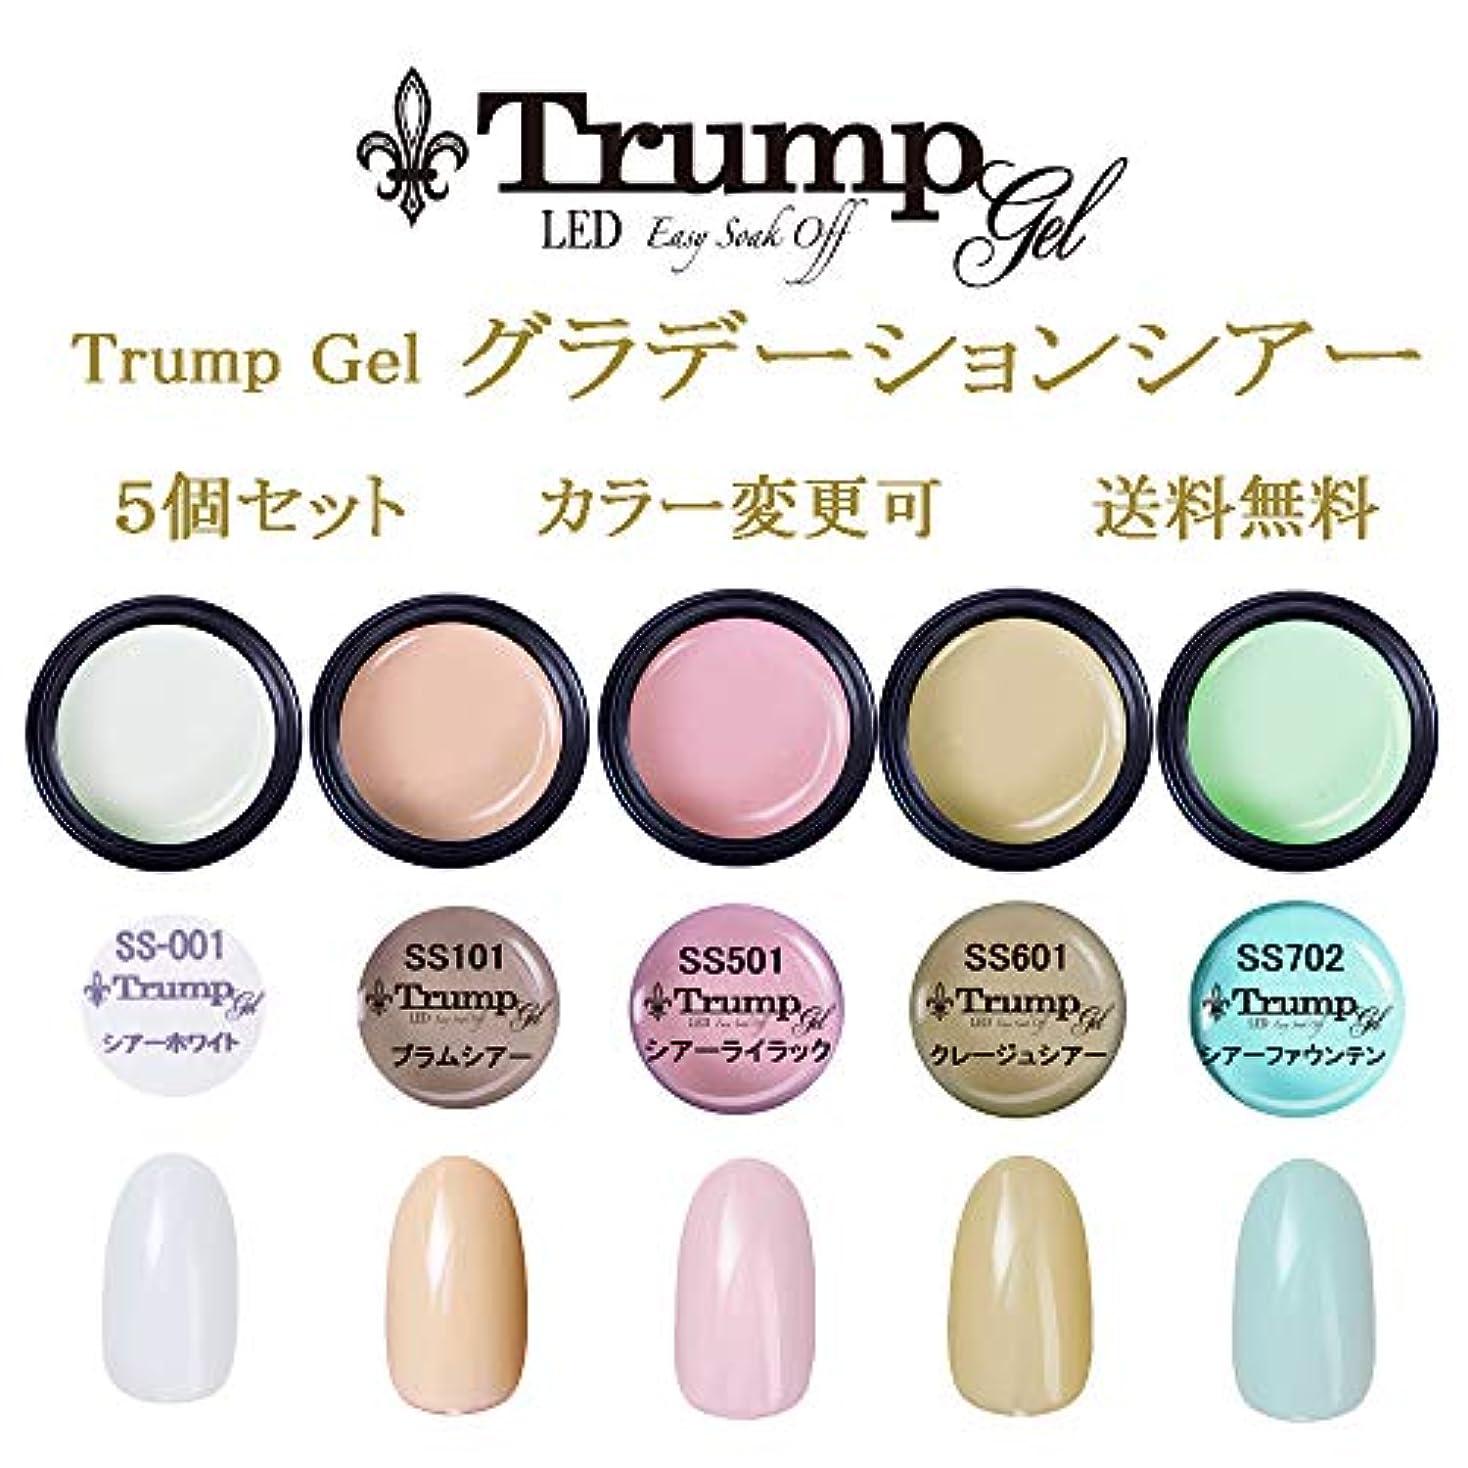 練る調整する学校教育日本製 Trump gel トランプジェル グラデーション シアーカラー 選べる カラージェル 5個セット ホワイト ベージュ ピンク イエロー ブルー